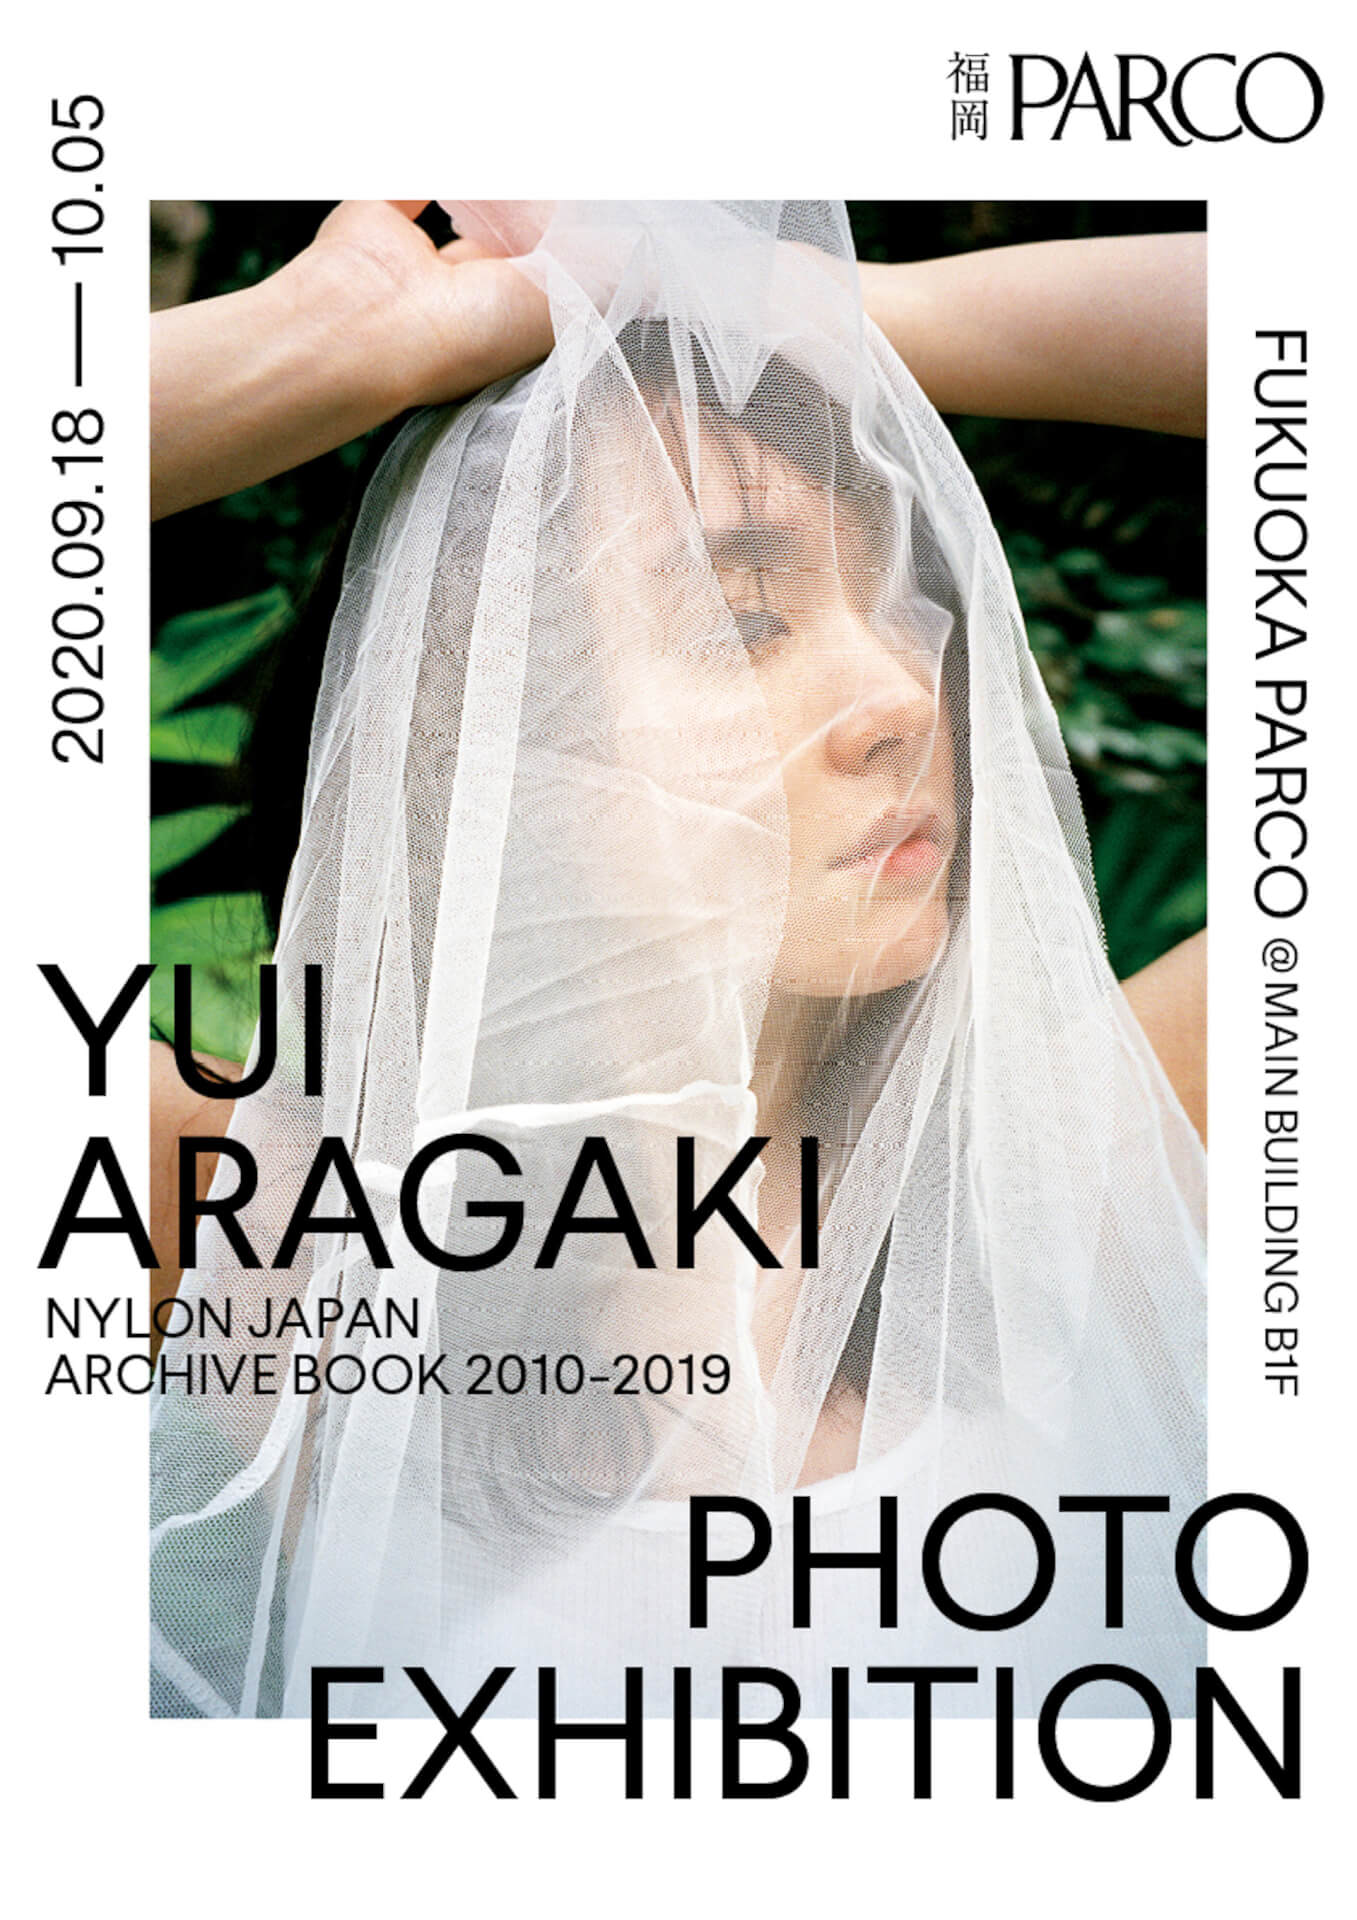 新垣結衣のNYLON JAPANでの軌跡を追った写真展が福岡、札幌、広島のPARCOでも開催決定!ガッキーマグカップの発売も art200909_aragakiyui_7